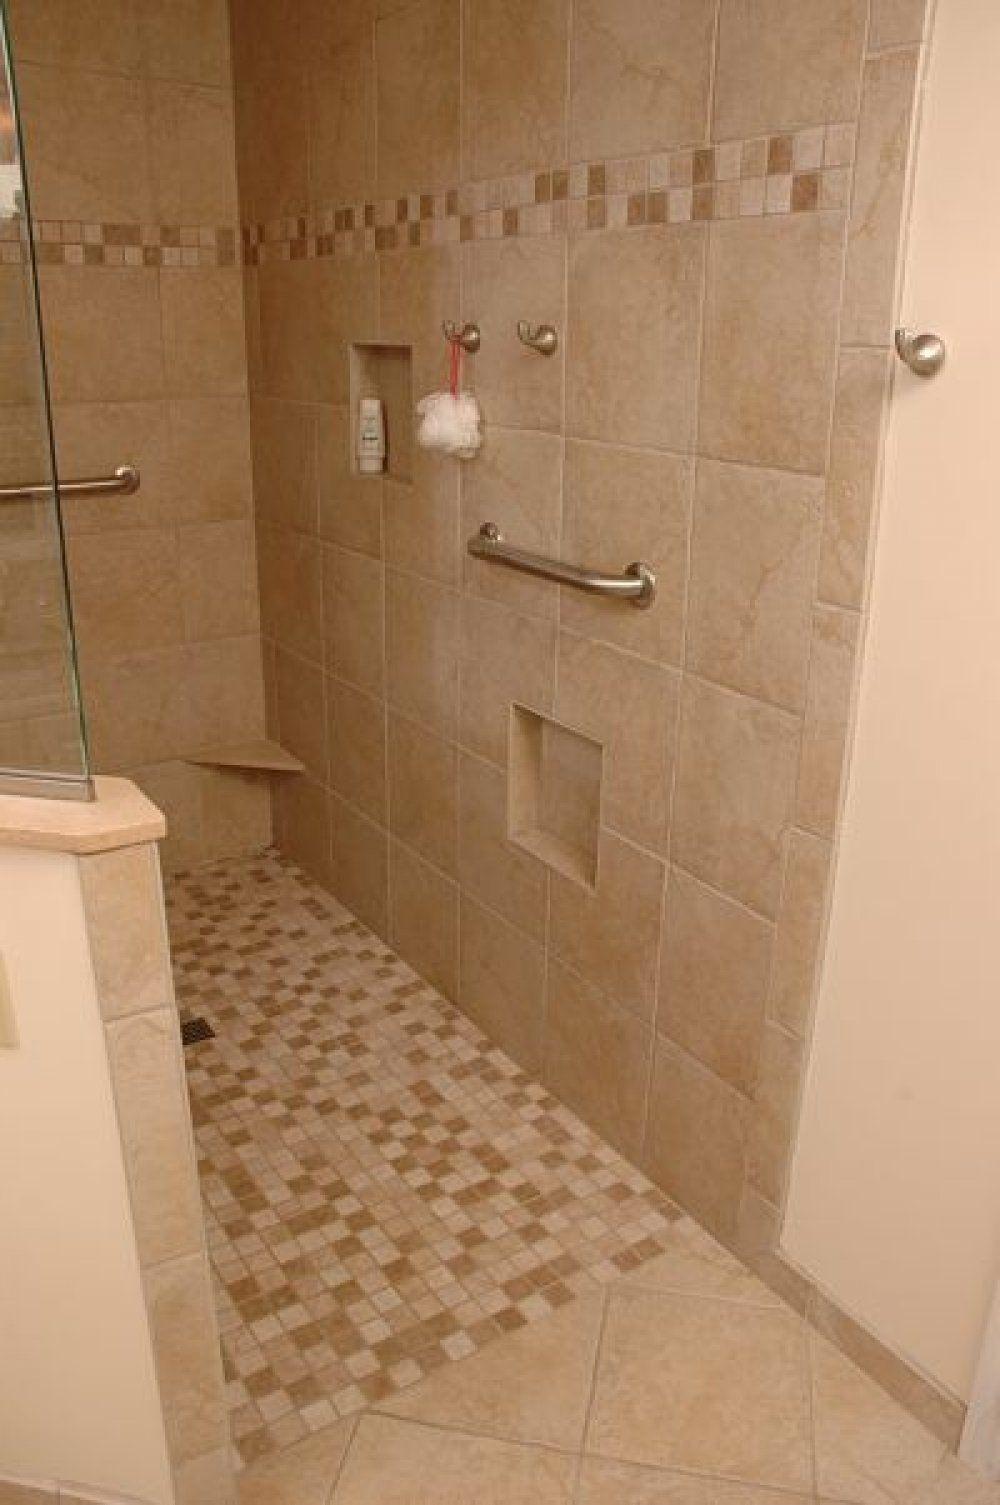 Open Shower No Door Designs Small Bathroom With Shower Showers Without Doors Walk In Shower Designs